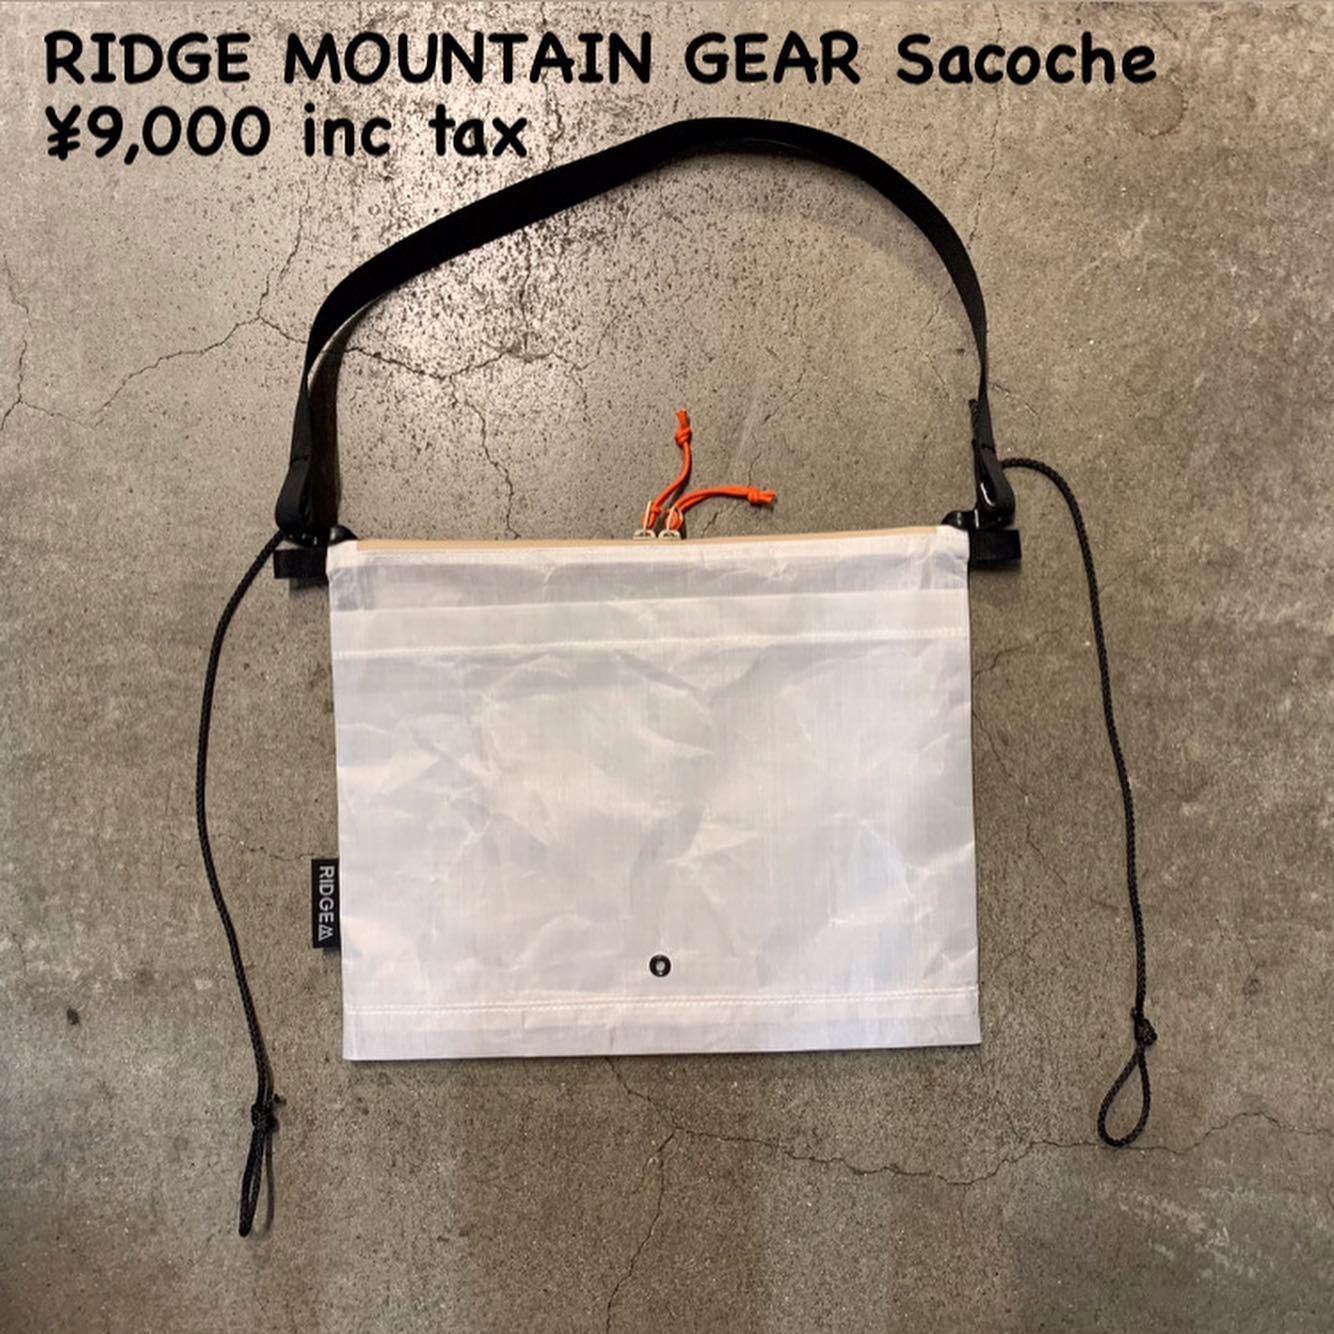 徹底した作り込みがすごい!『RIDGE MOUNTAIN GEAR サコッシュ』のご紹介